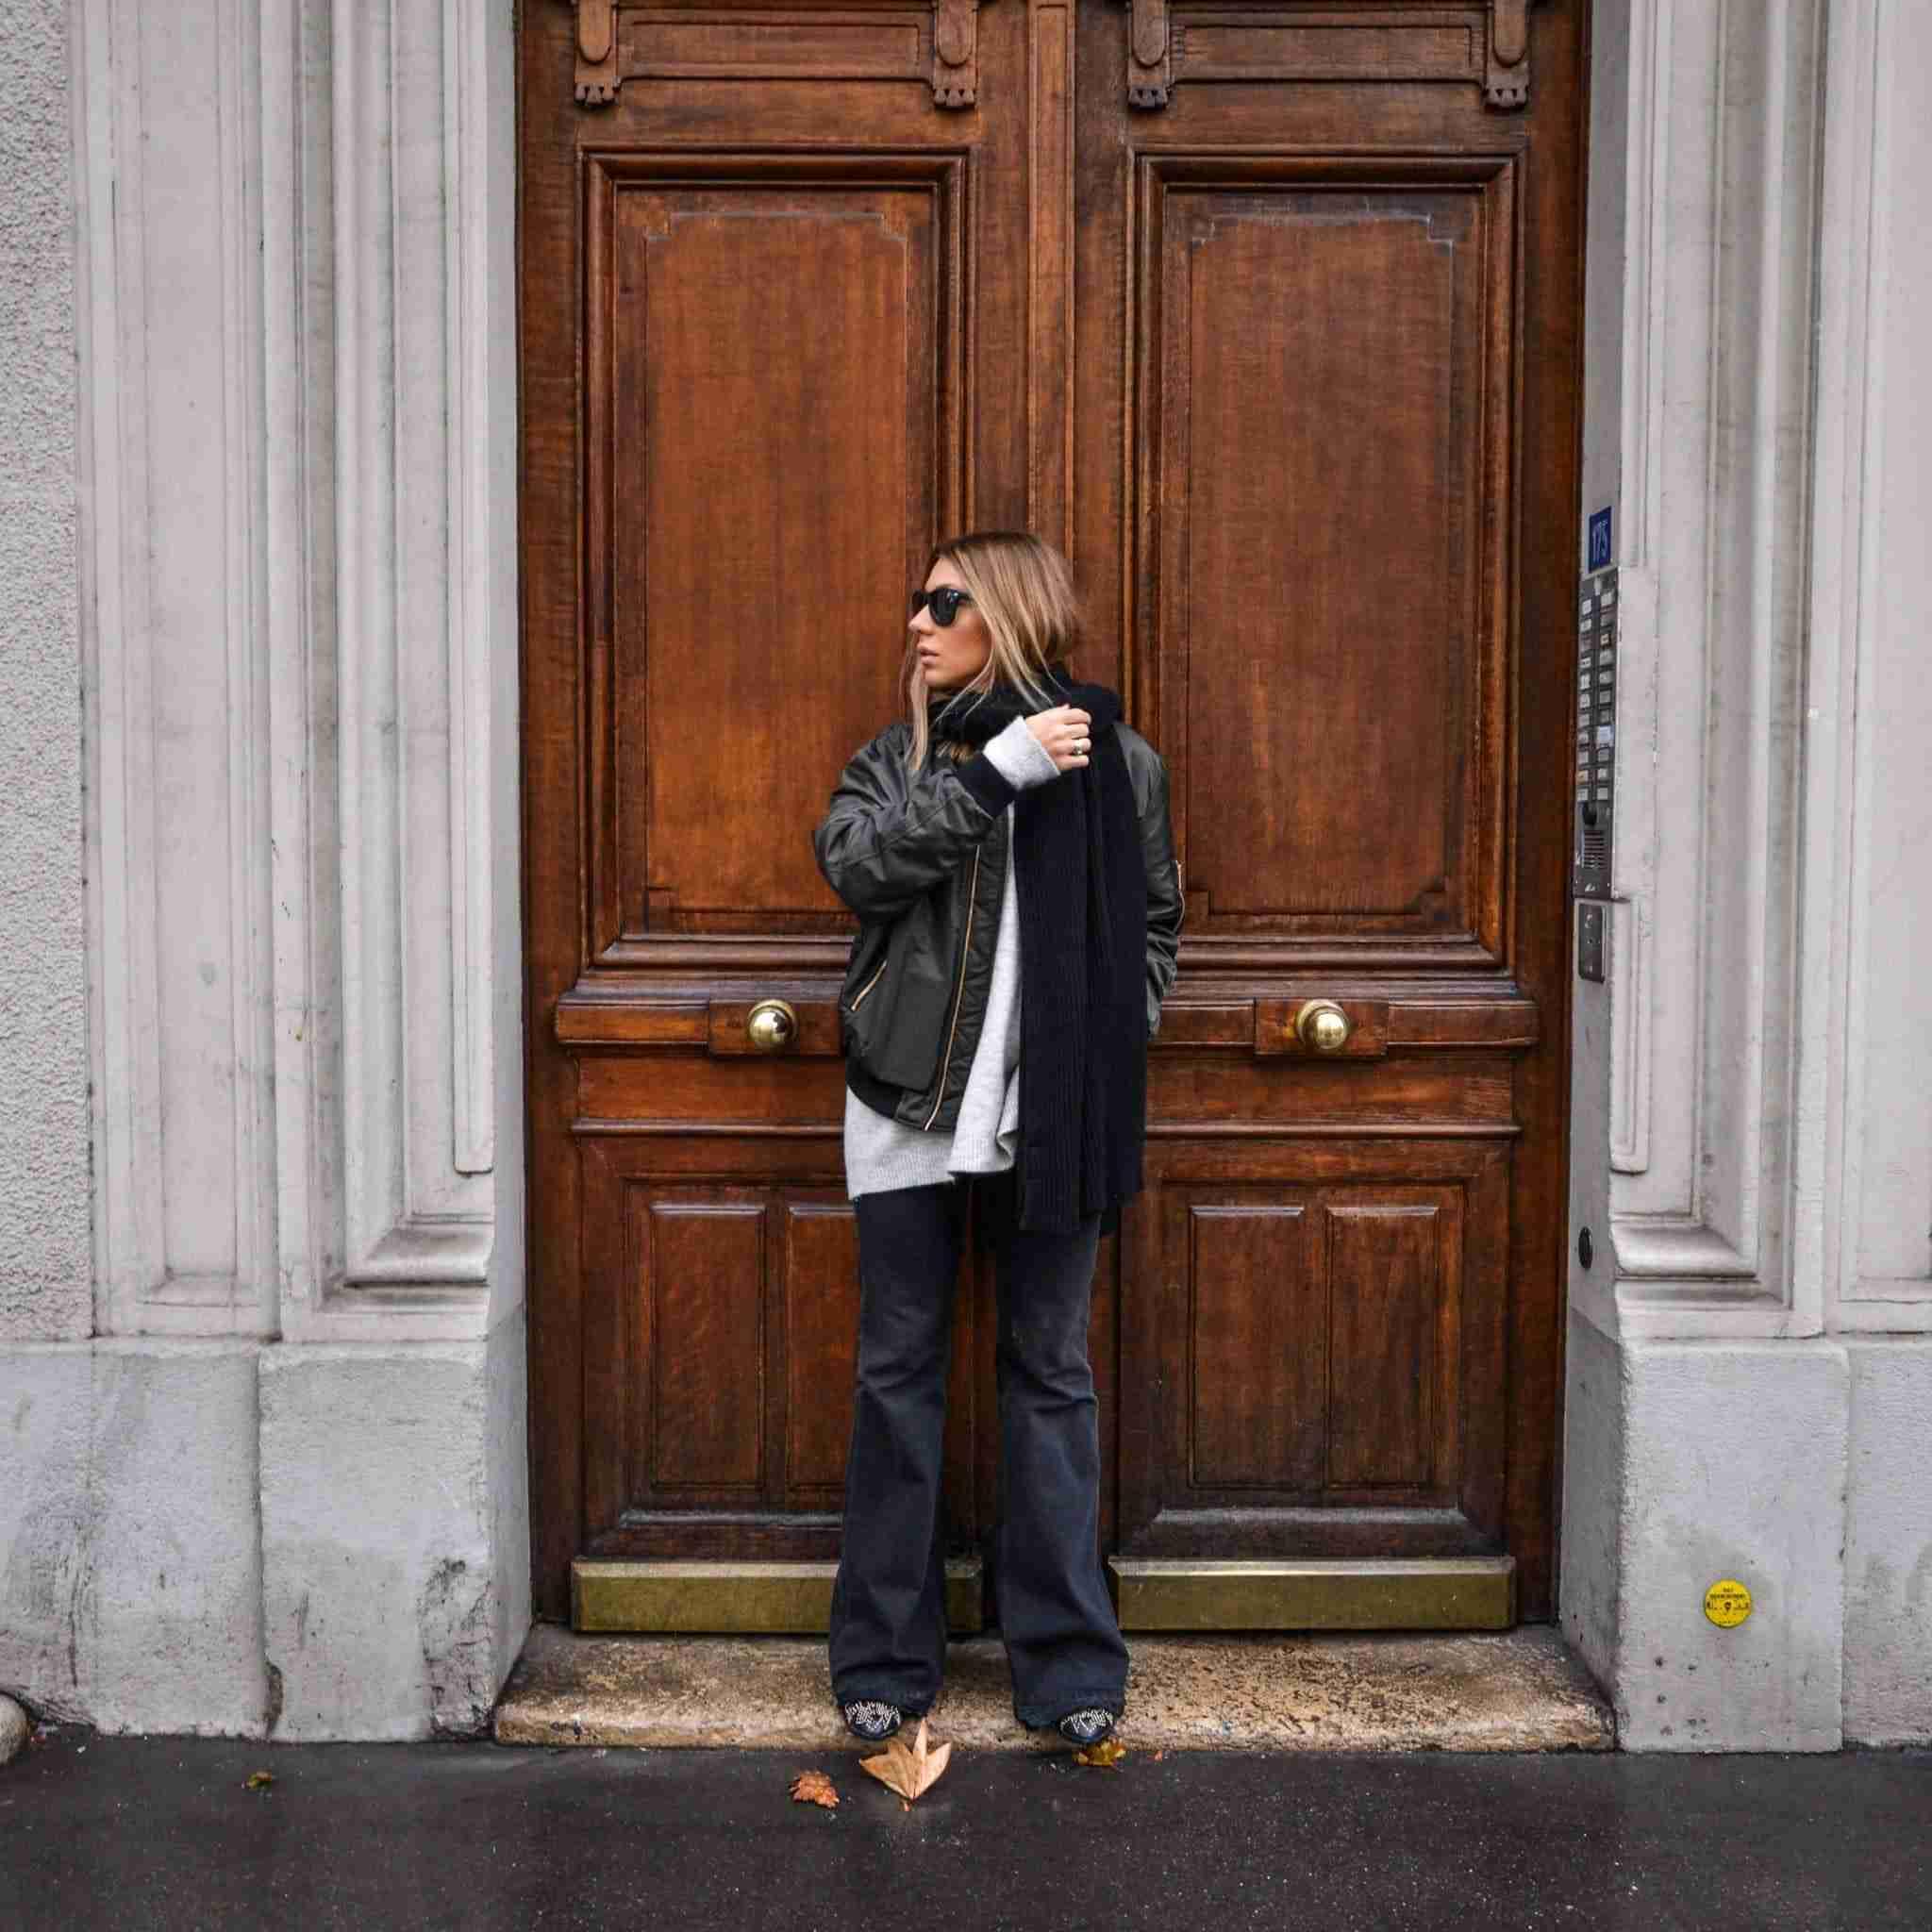 Paryż, duże drzwi, biało-czarna stylizacja.